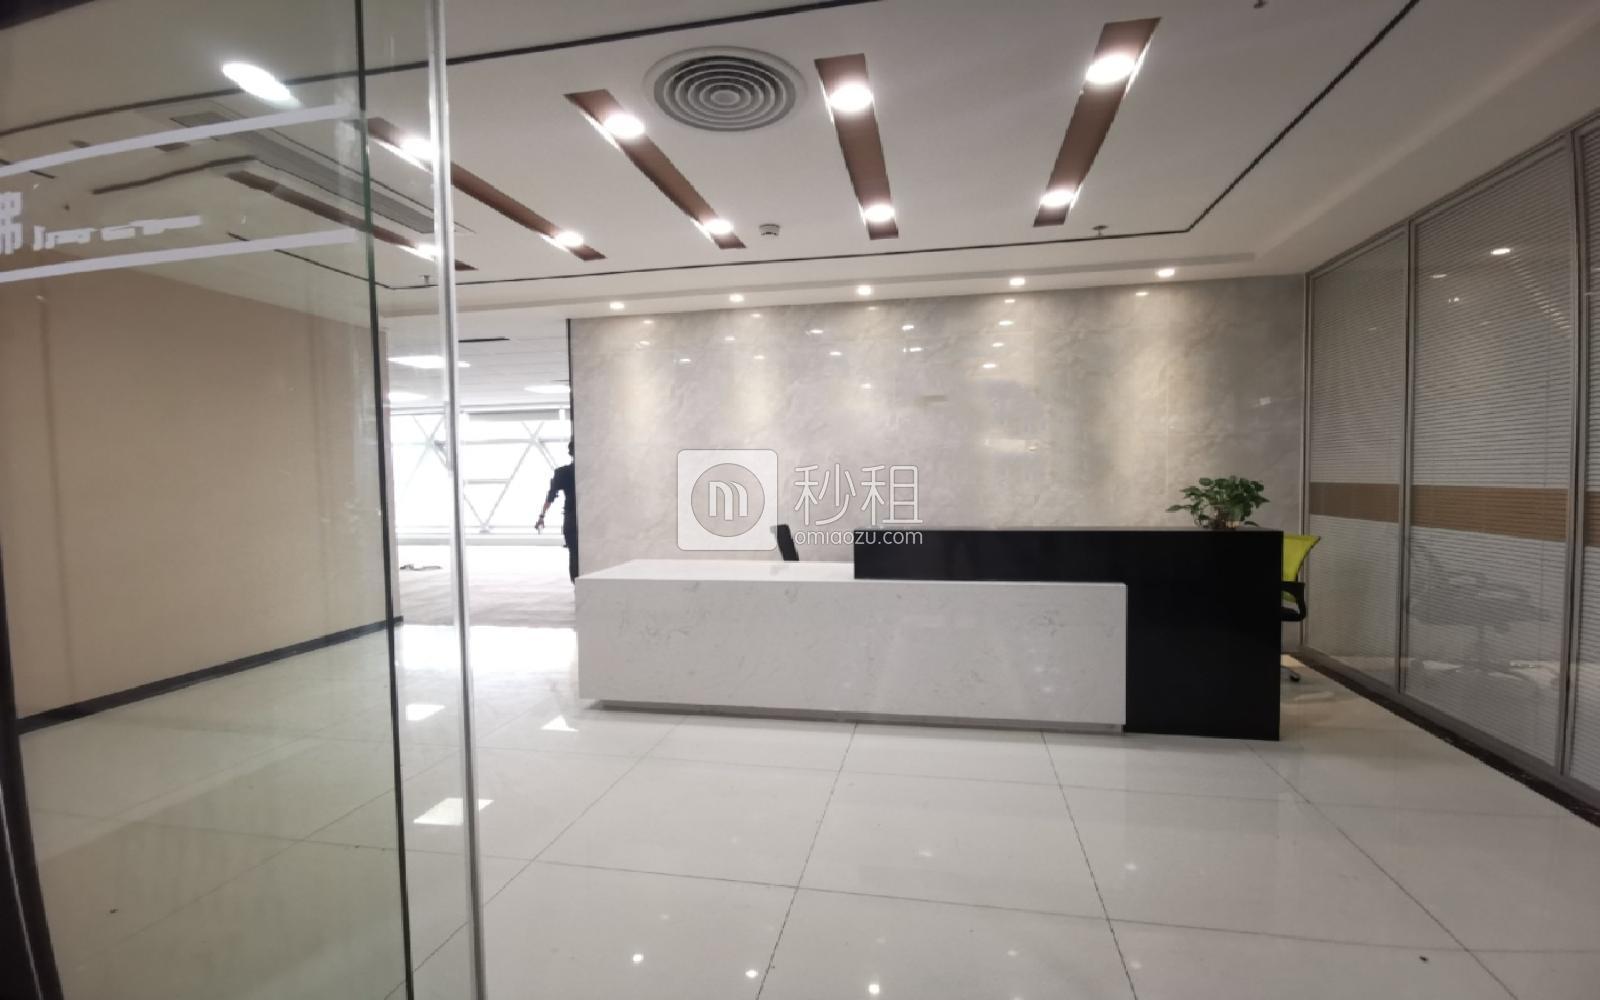 南山-科技园 创业投资大厦 680m²